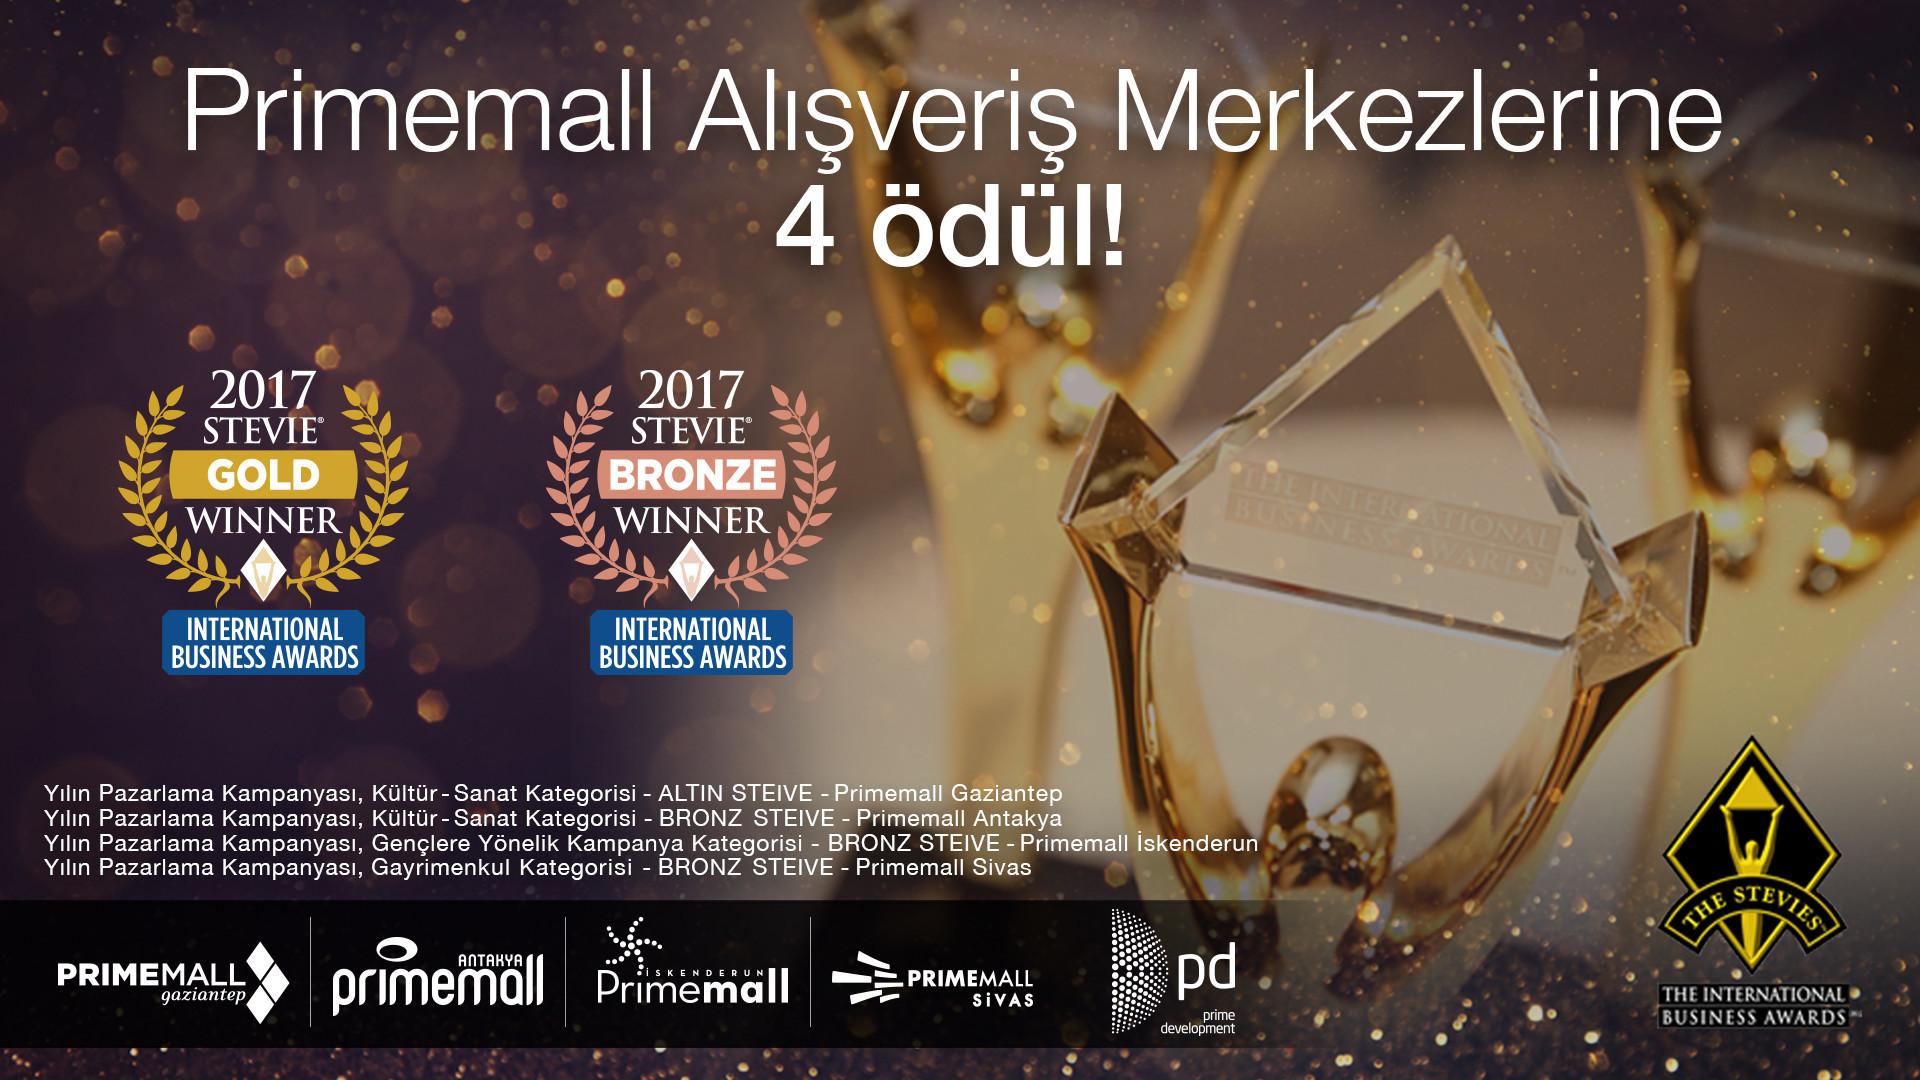 Primemall Alışveriş Merkezlerine 4 Ödül!